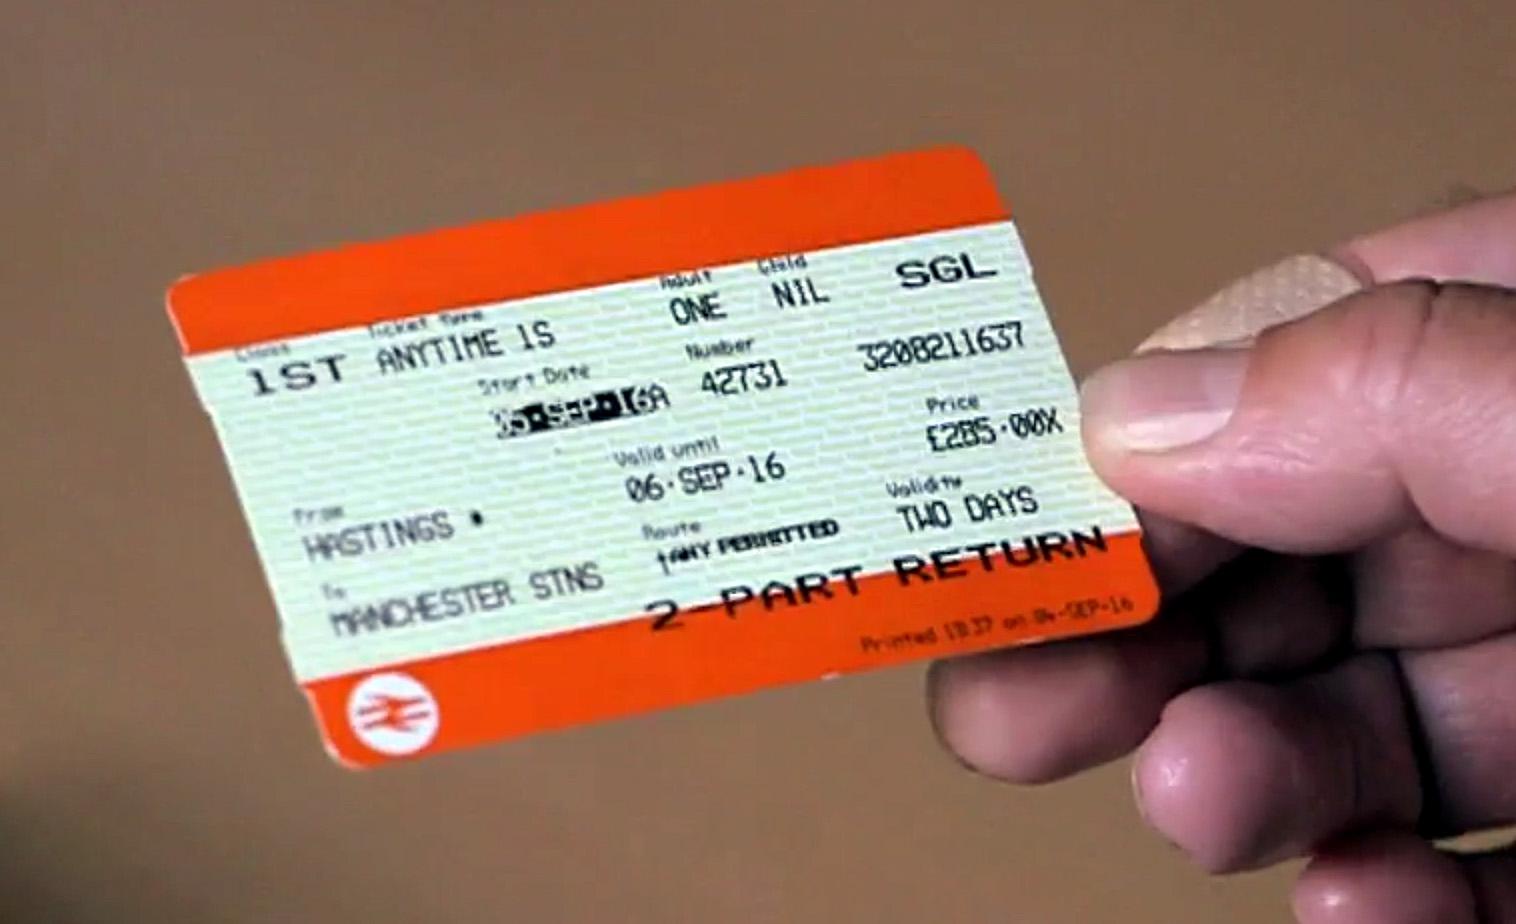 Fake National Rail train tickets